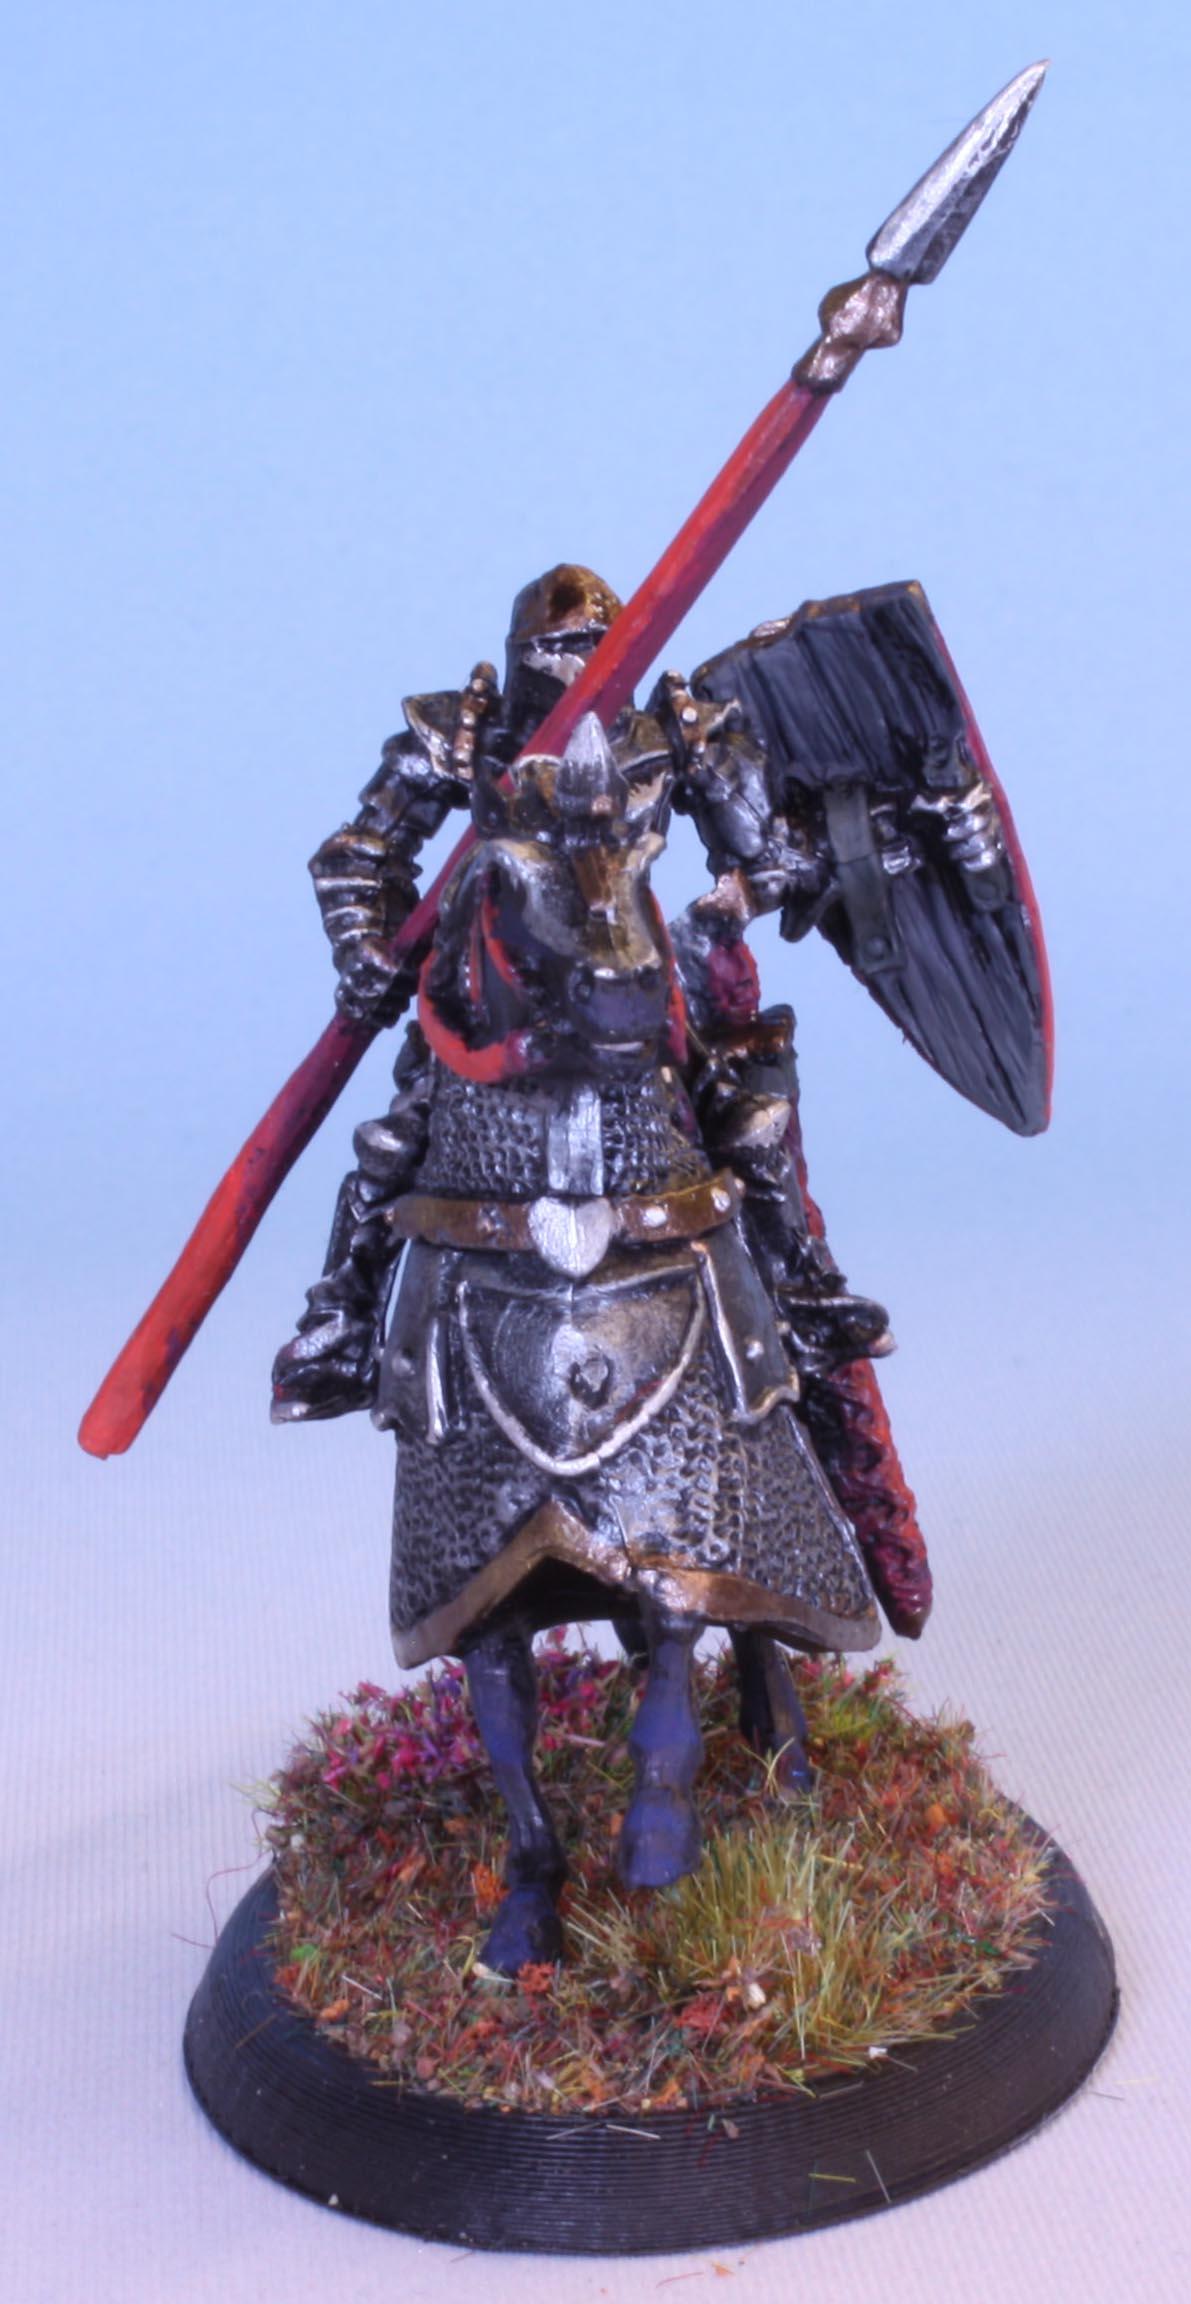 201023-reaper-bones-fan-favorites-44092-overlord-cavalry-1.jpg